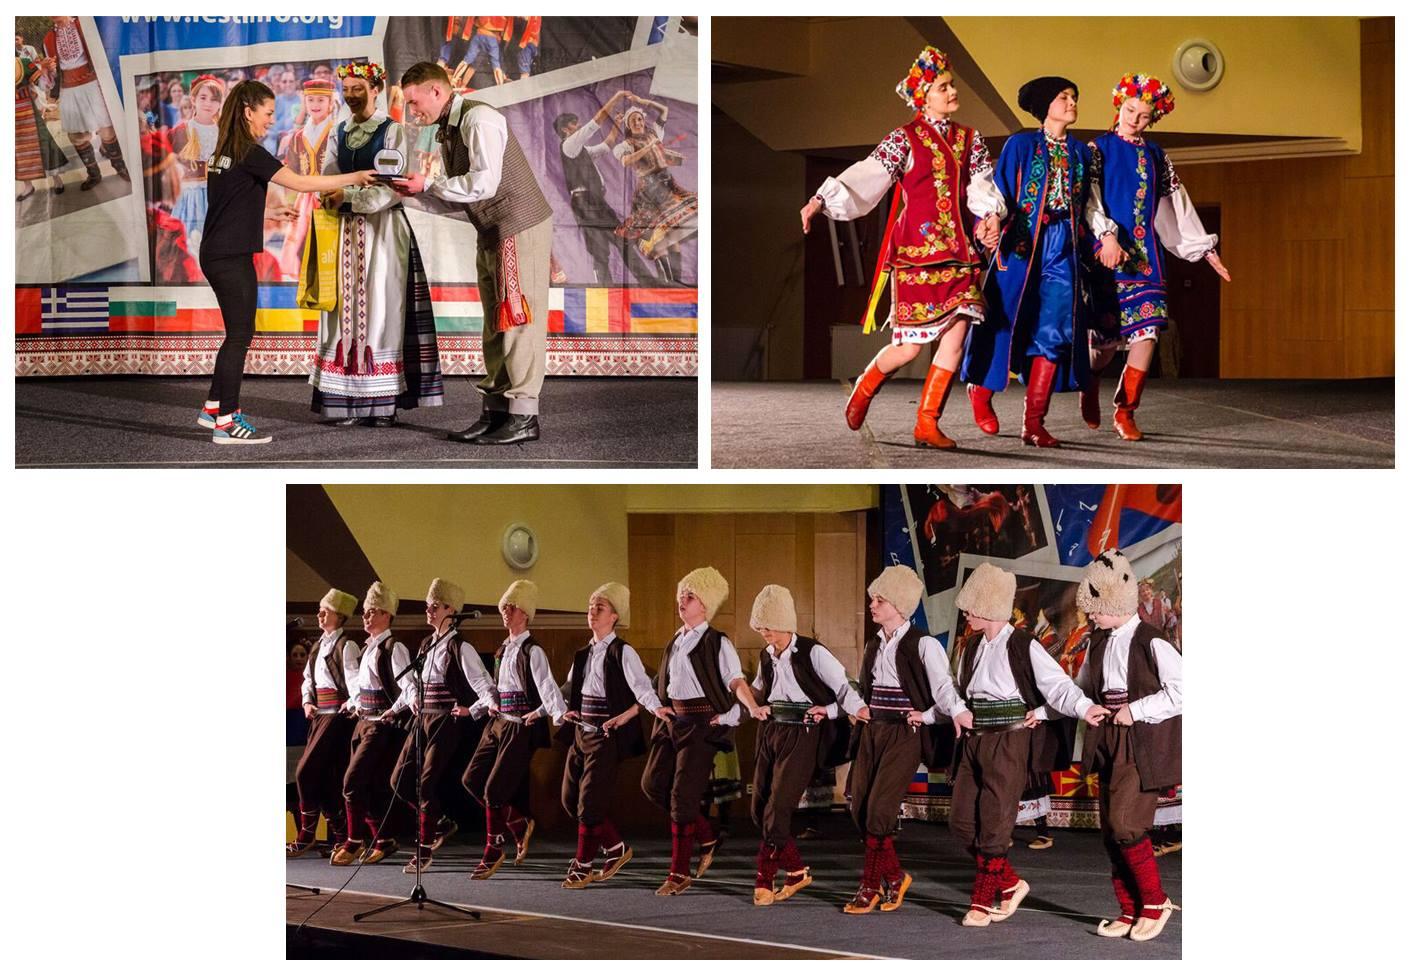 International Folklore RepublicPraguemarch Xxii Folklore International Xxii FestivalCzech 6gyfb7